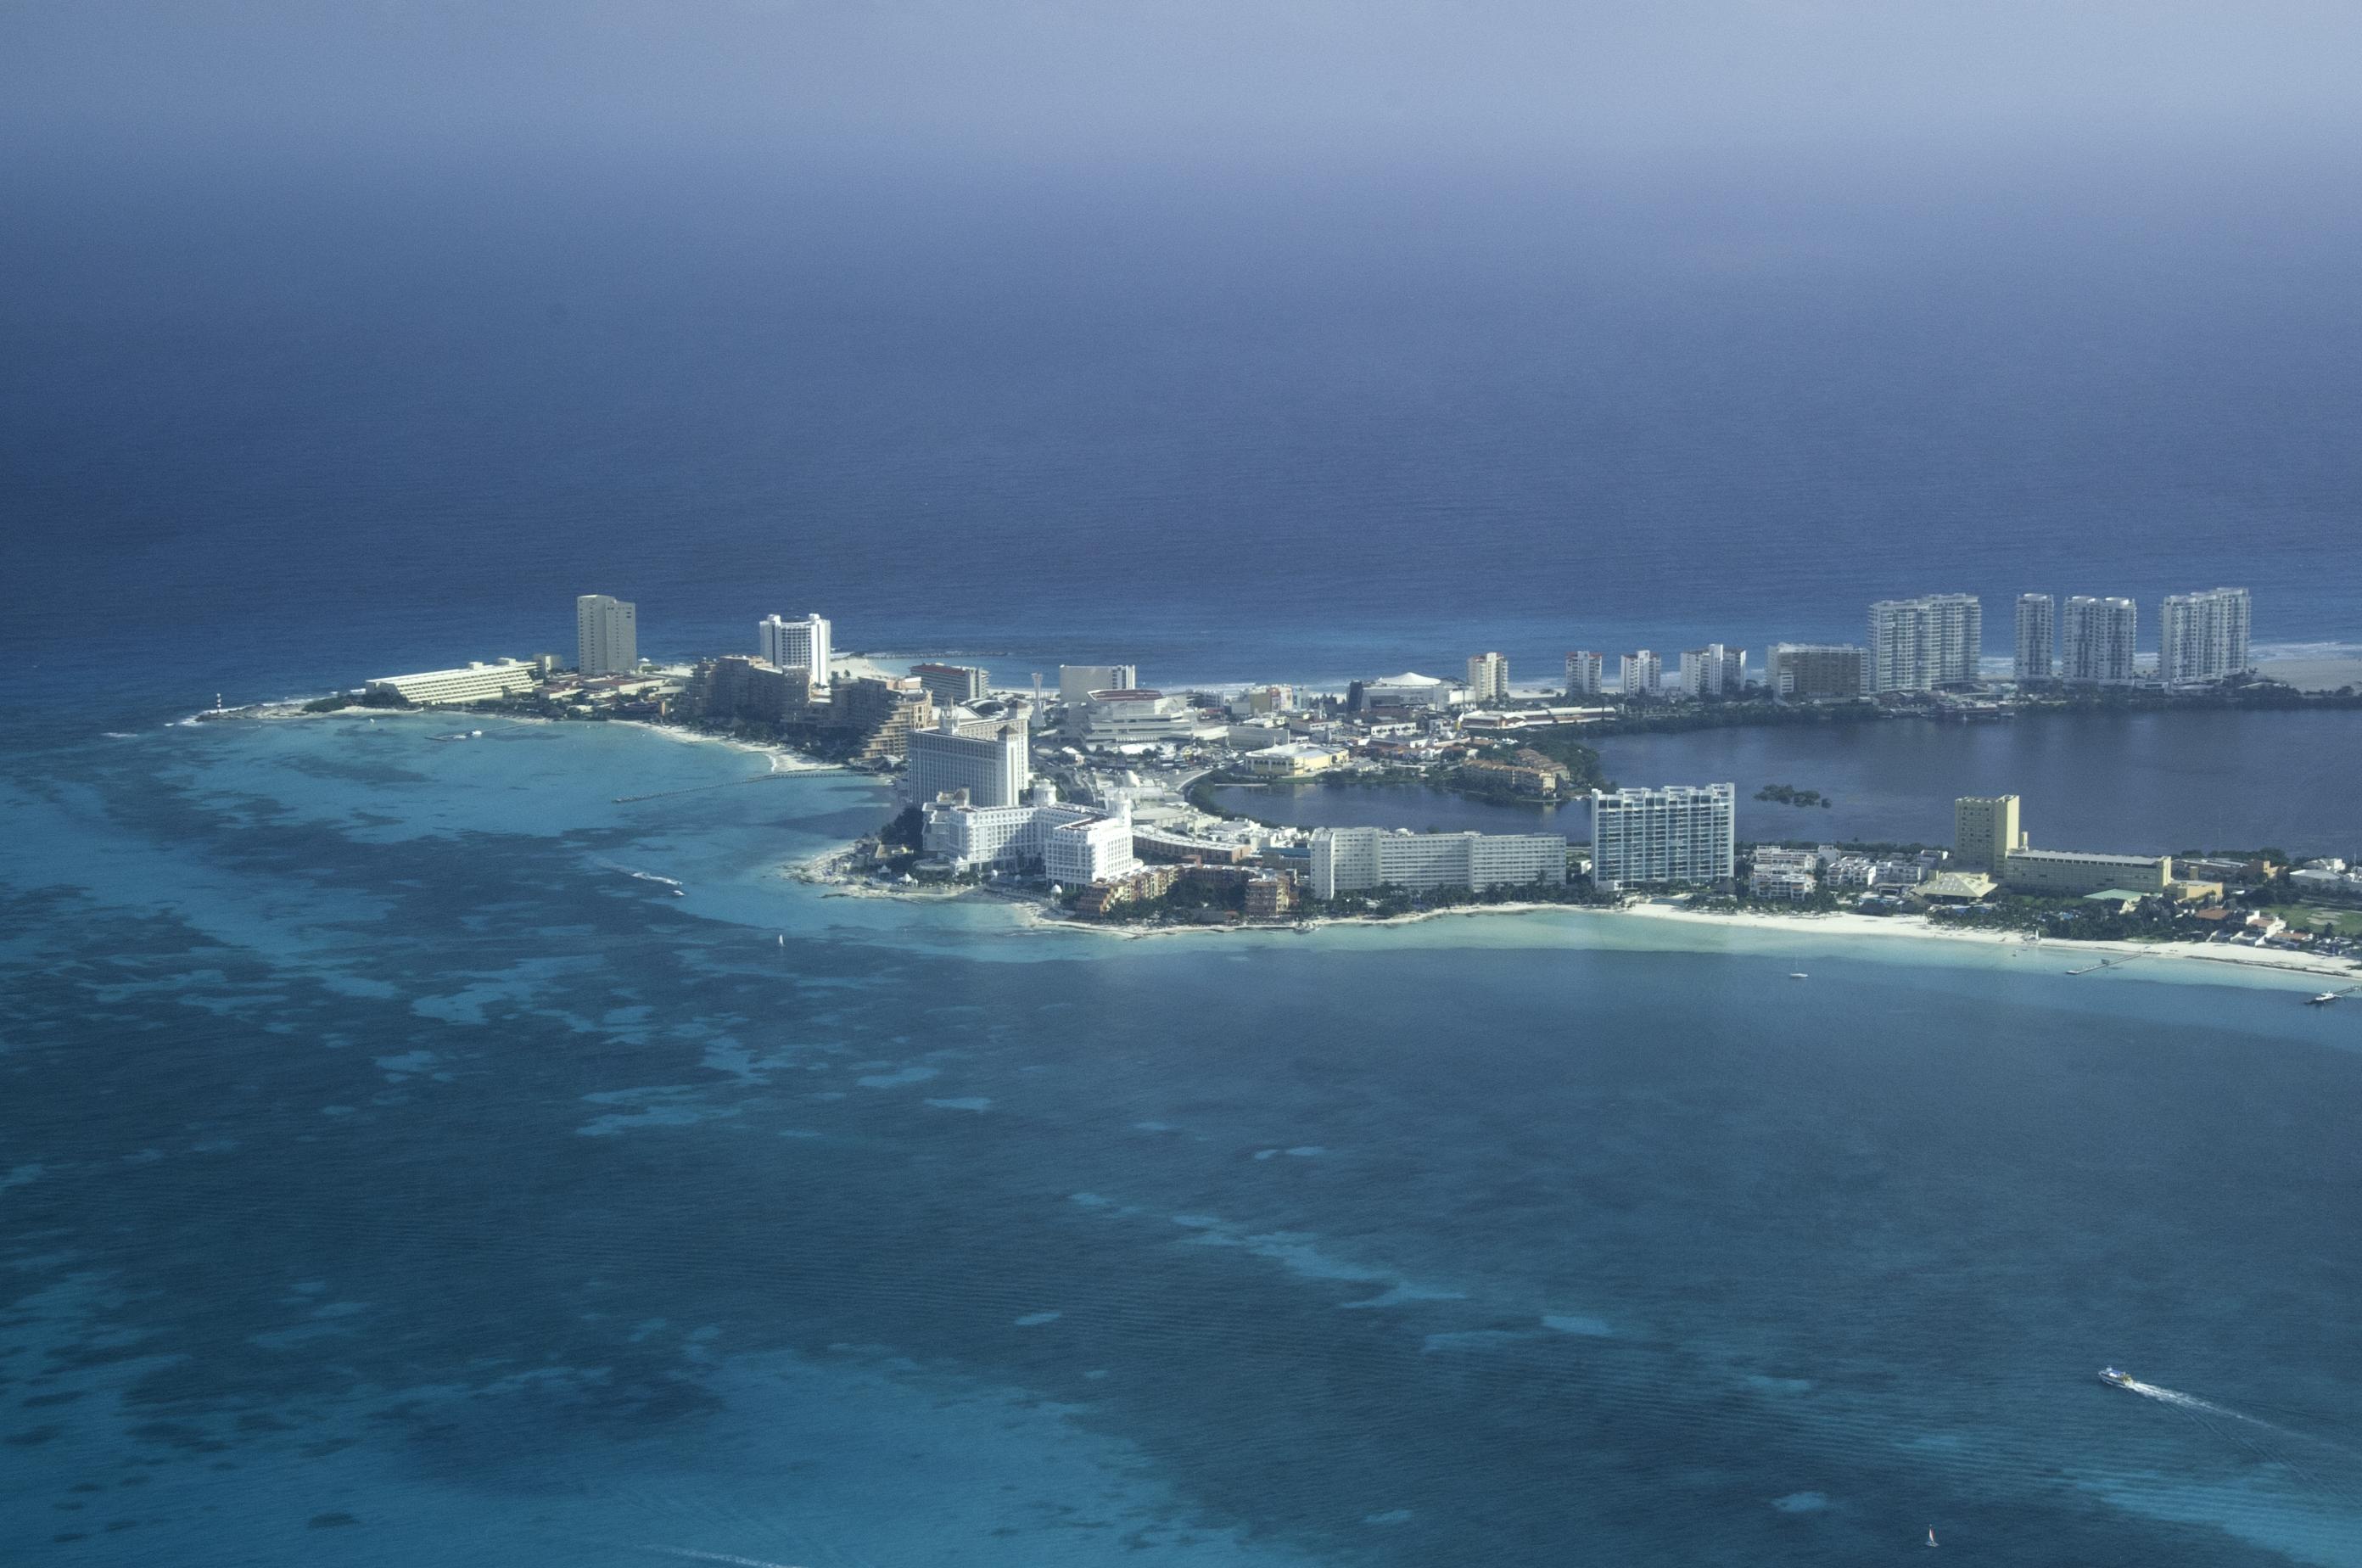 Distance shot of Cancun shoreline.